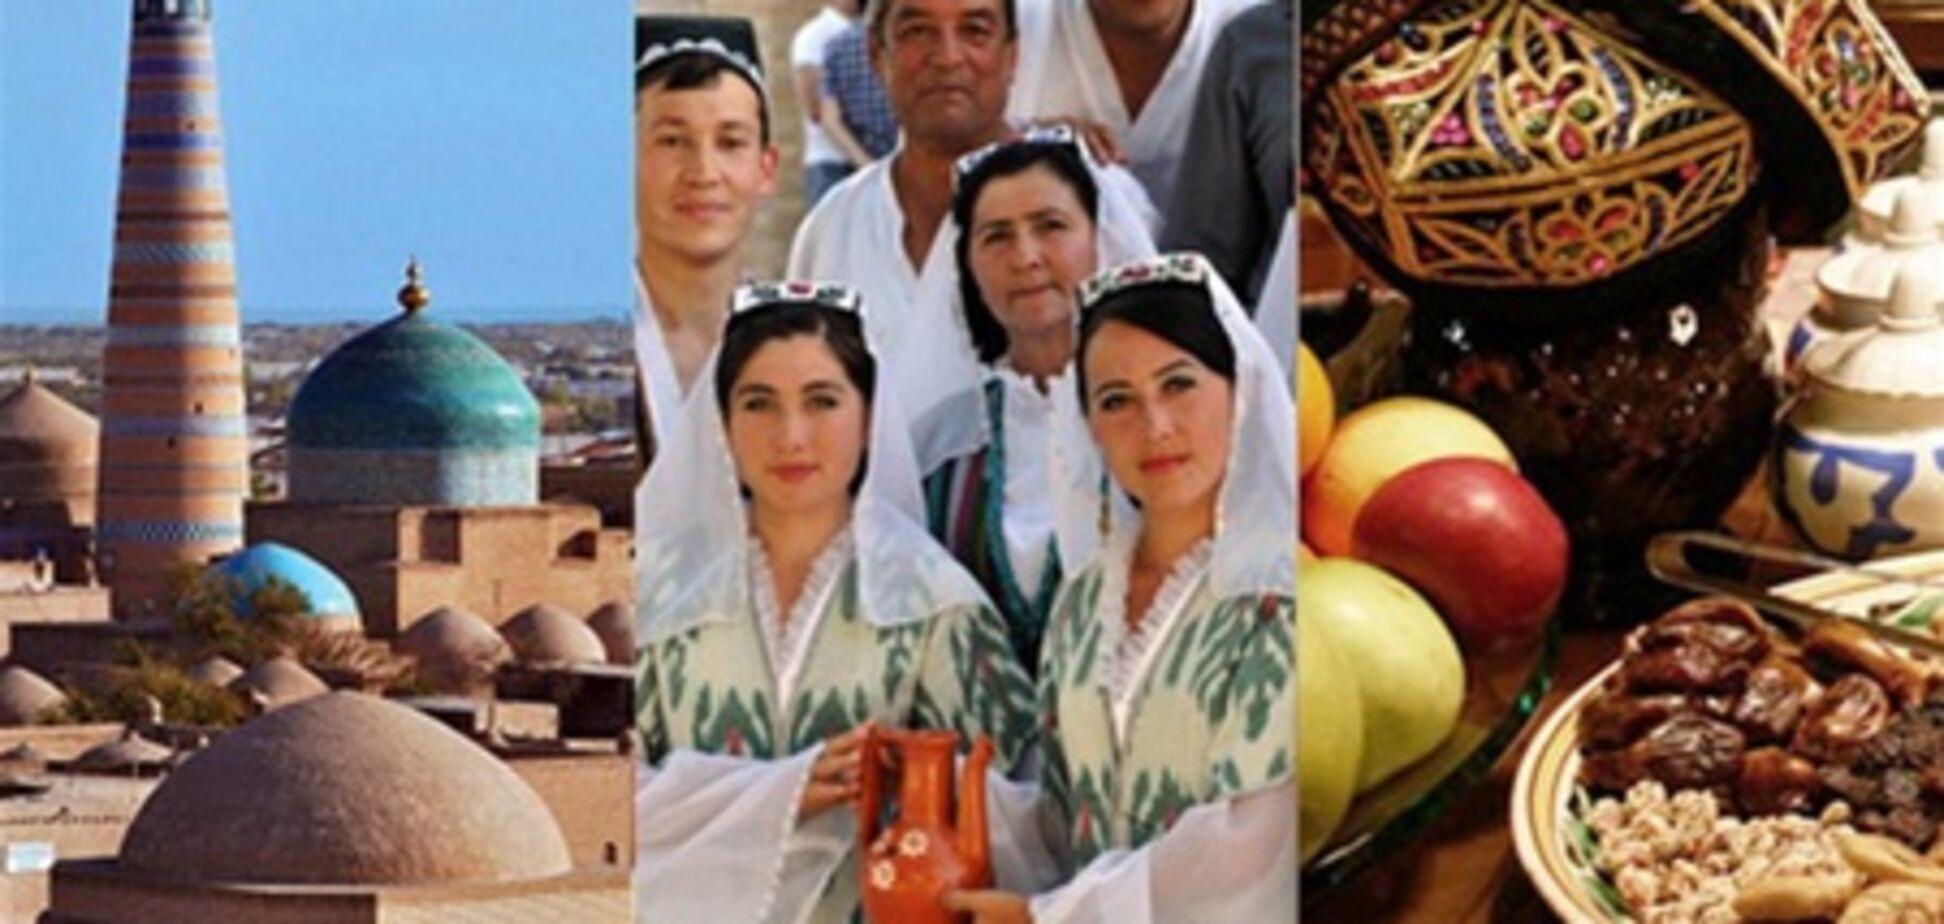 Узбекистан на пороге гражданской войны